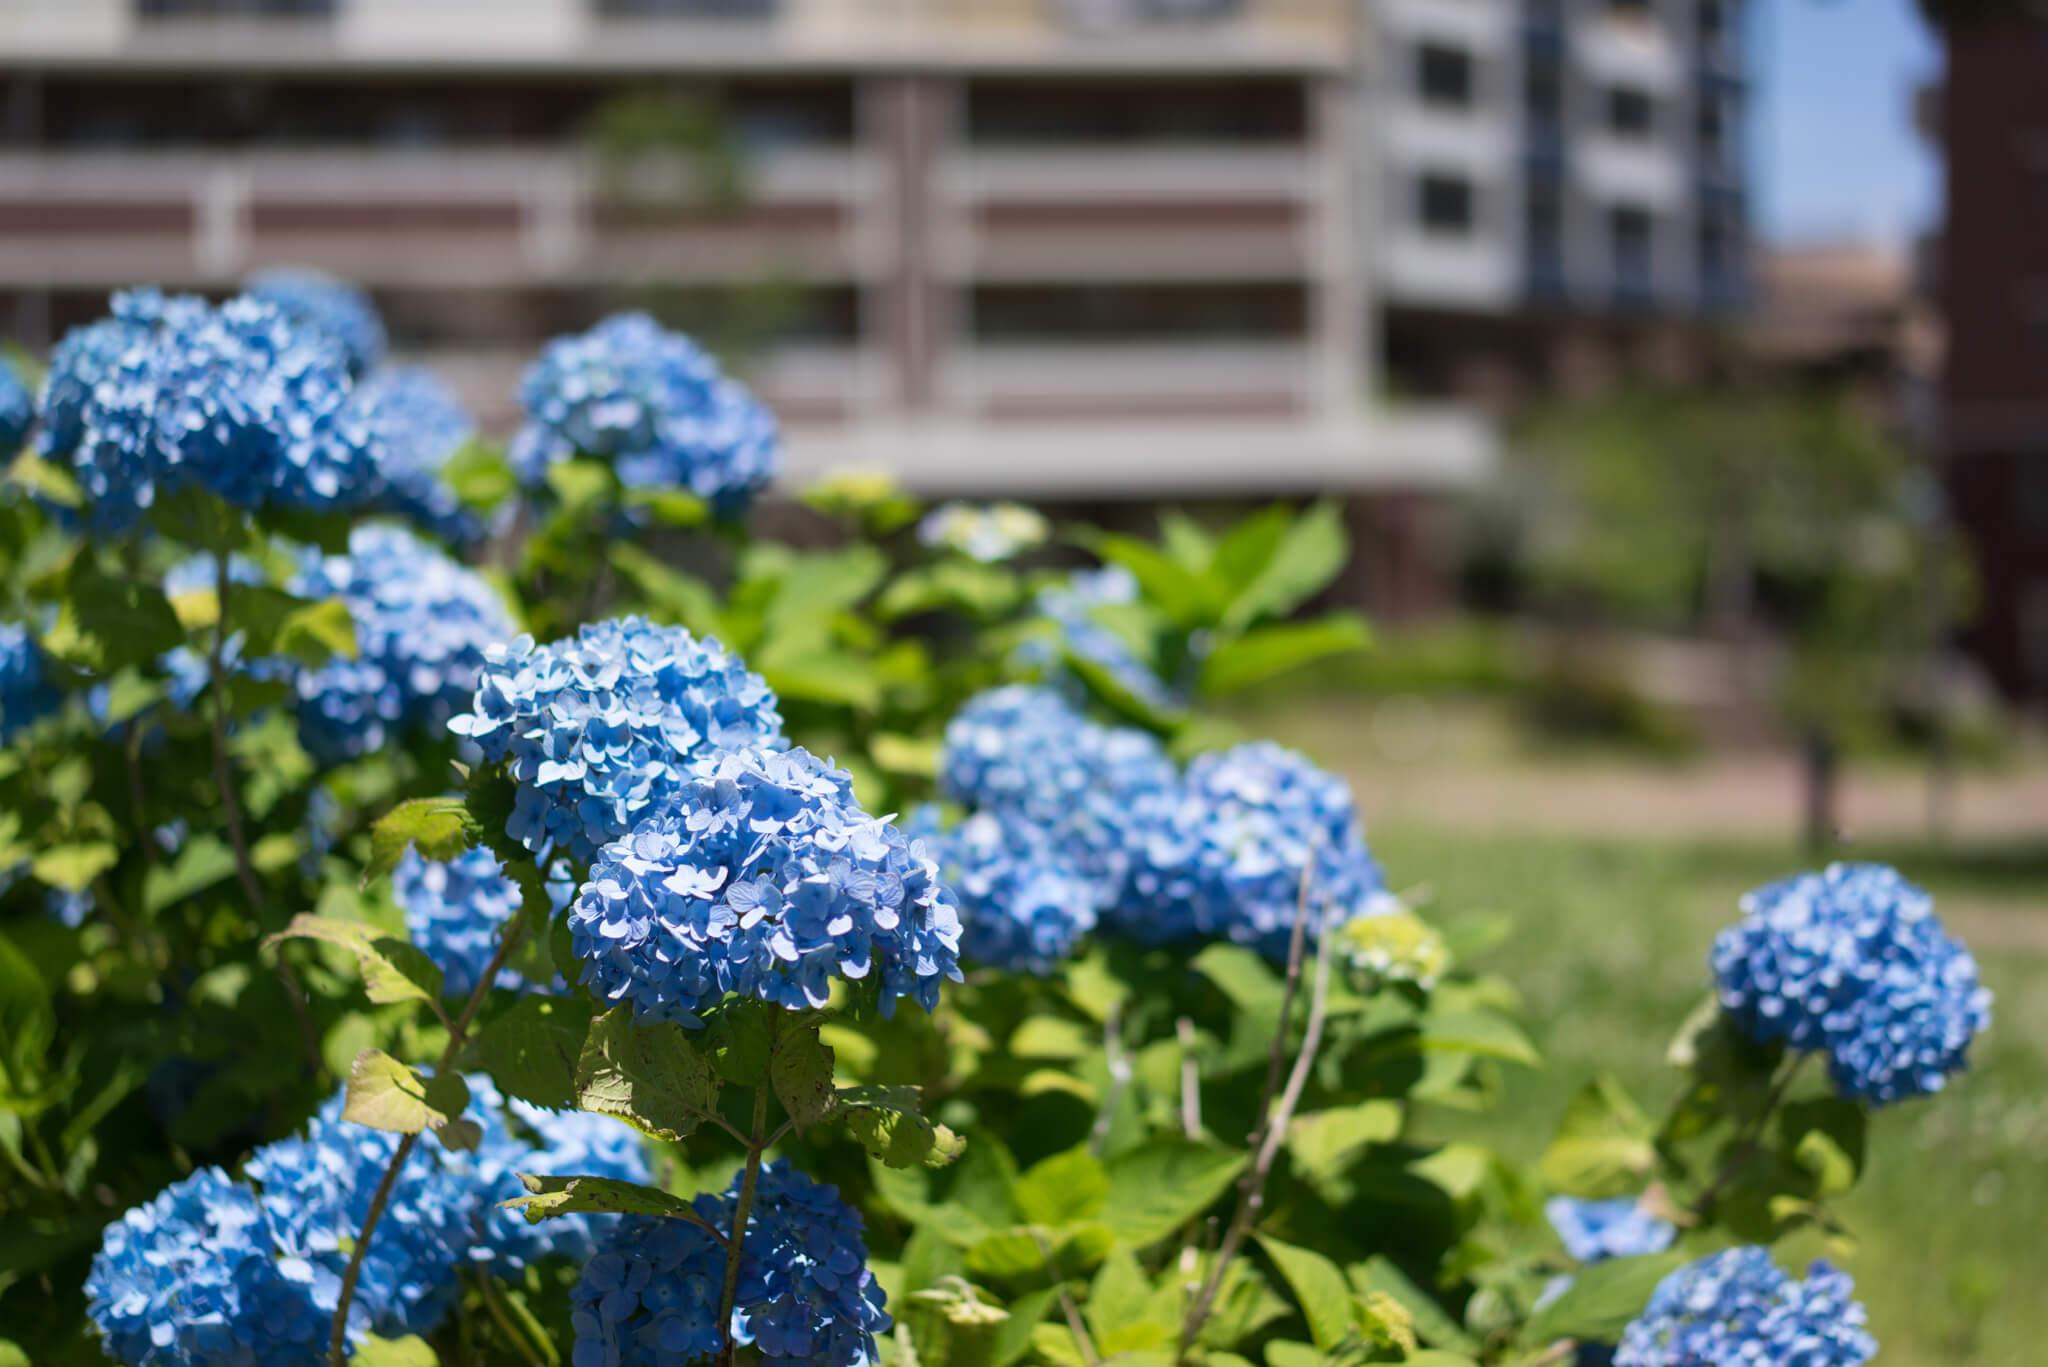 一つ一つの植栽や芝生も、とても綺麗に管理されている印象で嬉しい。取材した時期には紫陽花が満開でした。